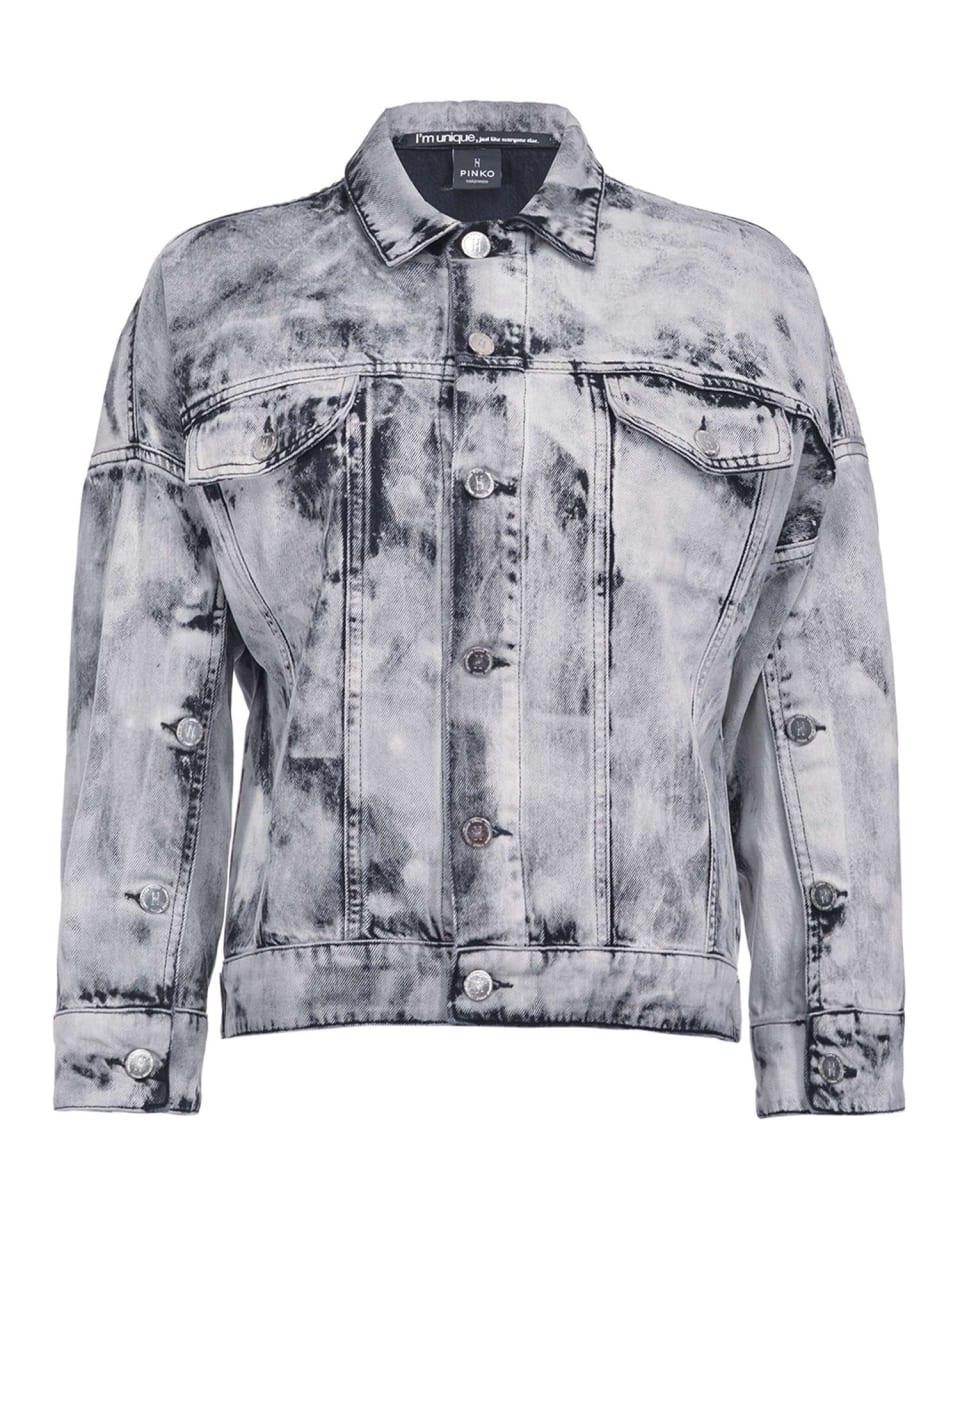 Marble-look jacket